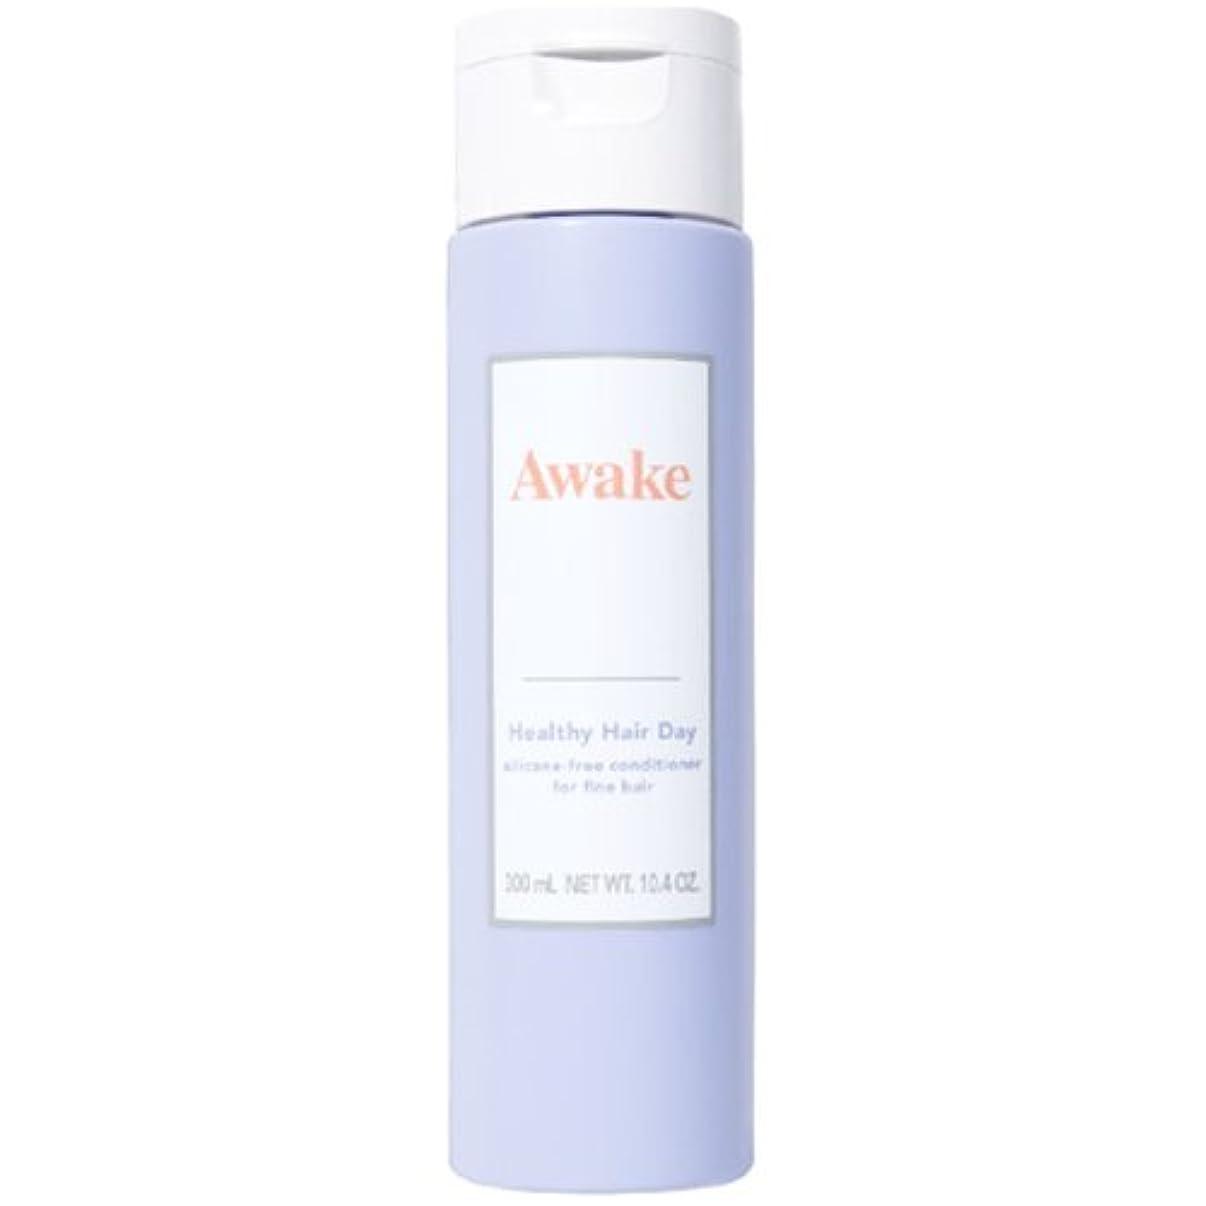 分散倍率防止アウェイク(AWAKE) Awake(アウェイク) ヘルシーヘアデイ シリコーンフリー ヘアコンディショナー ハリコシアップヘア用 (300mL)